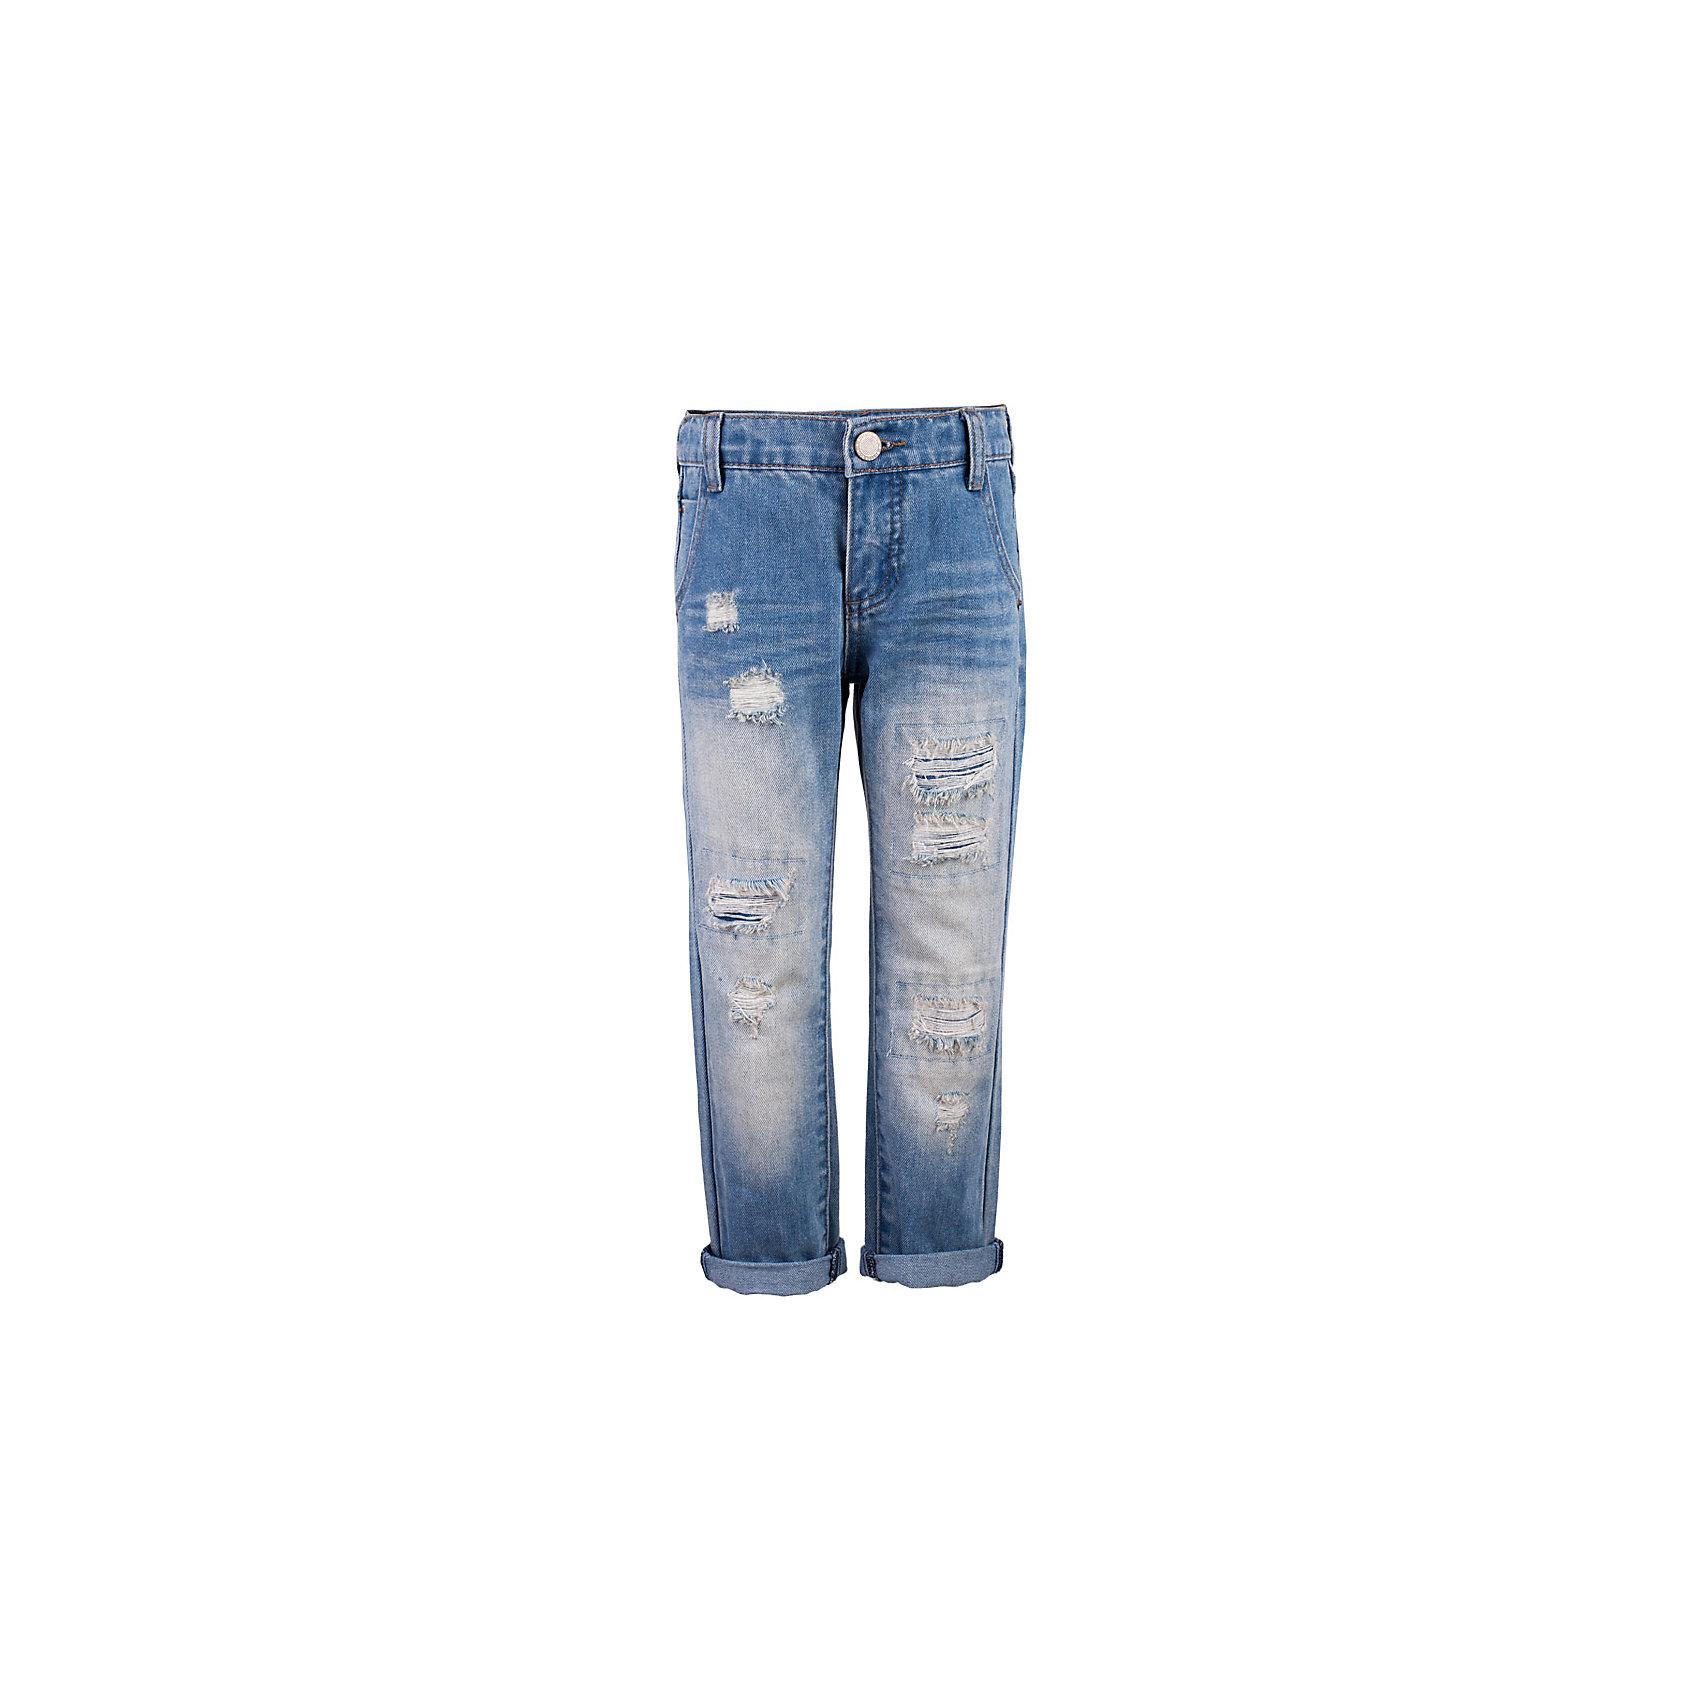 Джинсы для мальчика  BUTTON BLUEДжинсовая одежда<br>Джинсы для мальчика  BUTTON BLUE<br>Классные голубые джинсы с потертостями и повреждениями — гарантия модного современного образа! Хороший крой, удобная посадка на фигуре подарят мальчику комфорт и свободу движений. Если вы хотите купить ребенку недорогие модные джинсы классического силуэта, модель от Button Blue - прекрасный выбор!<br>Состав:<br>100%  хлопок<br><br>Ширина мм: 215<br>Глубина мм: 88<br>Высота мм: 191<br>Вес г: 336<br>Цвет: голубой<br>Возраст от месяцев: 144<br>Возраст до месяцев: 156<br>Пол: Мужской<br>Возраст: Детский<br>Размер: 158,98,104,110,116,122,140,146,152<br>SKU: 5524689